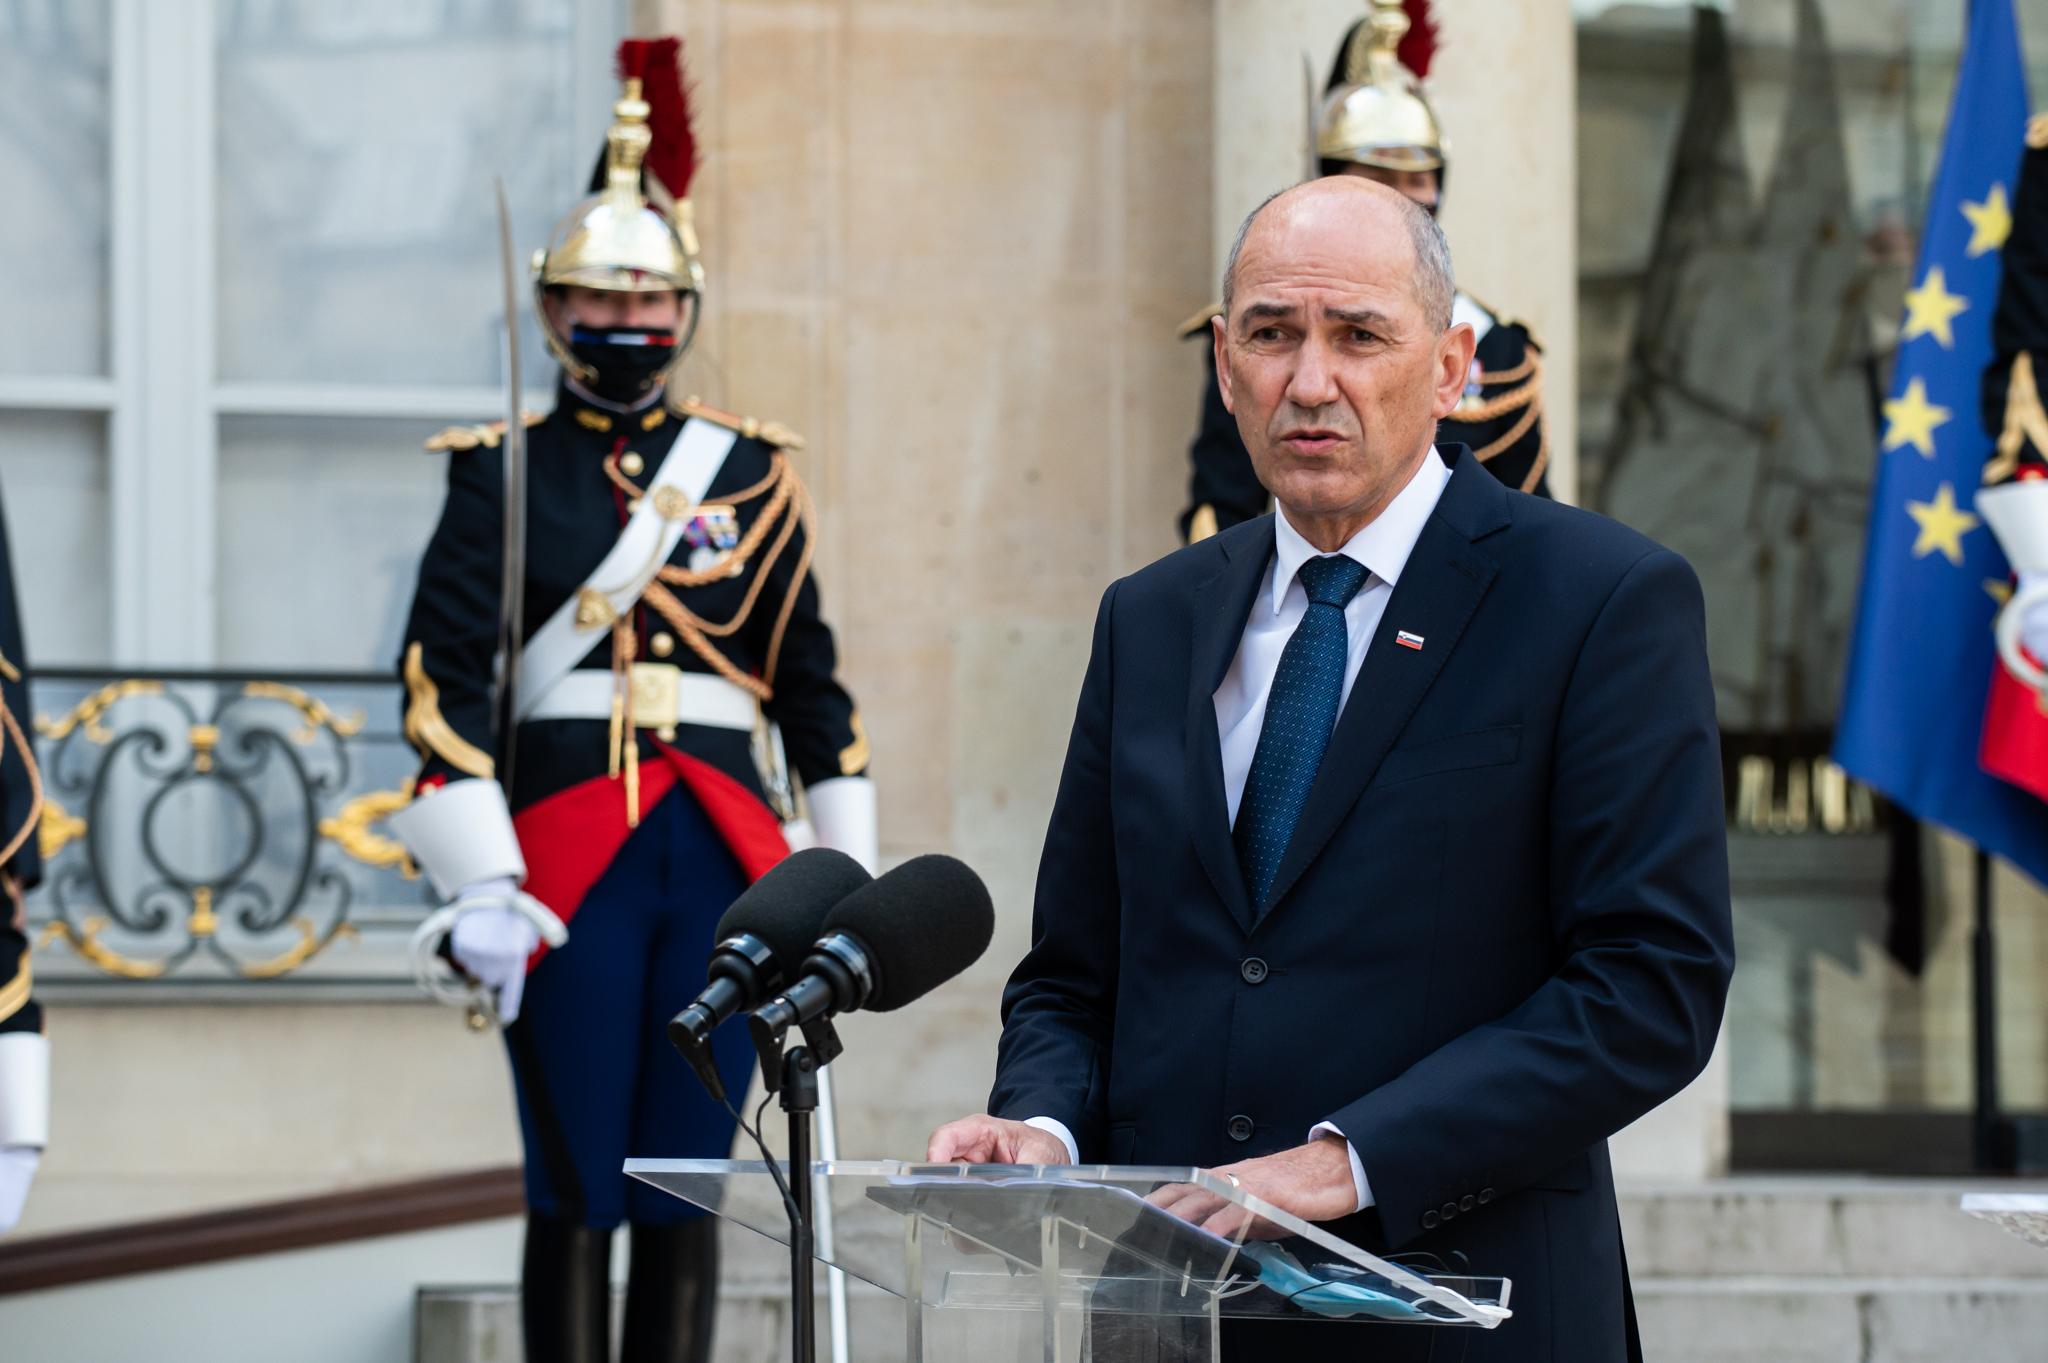 Predsednik vlade Janez Janša se na povabilo predsednika Francoske republike Emmanuela Macrona mudi v Parizu na delovnem obisku.